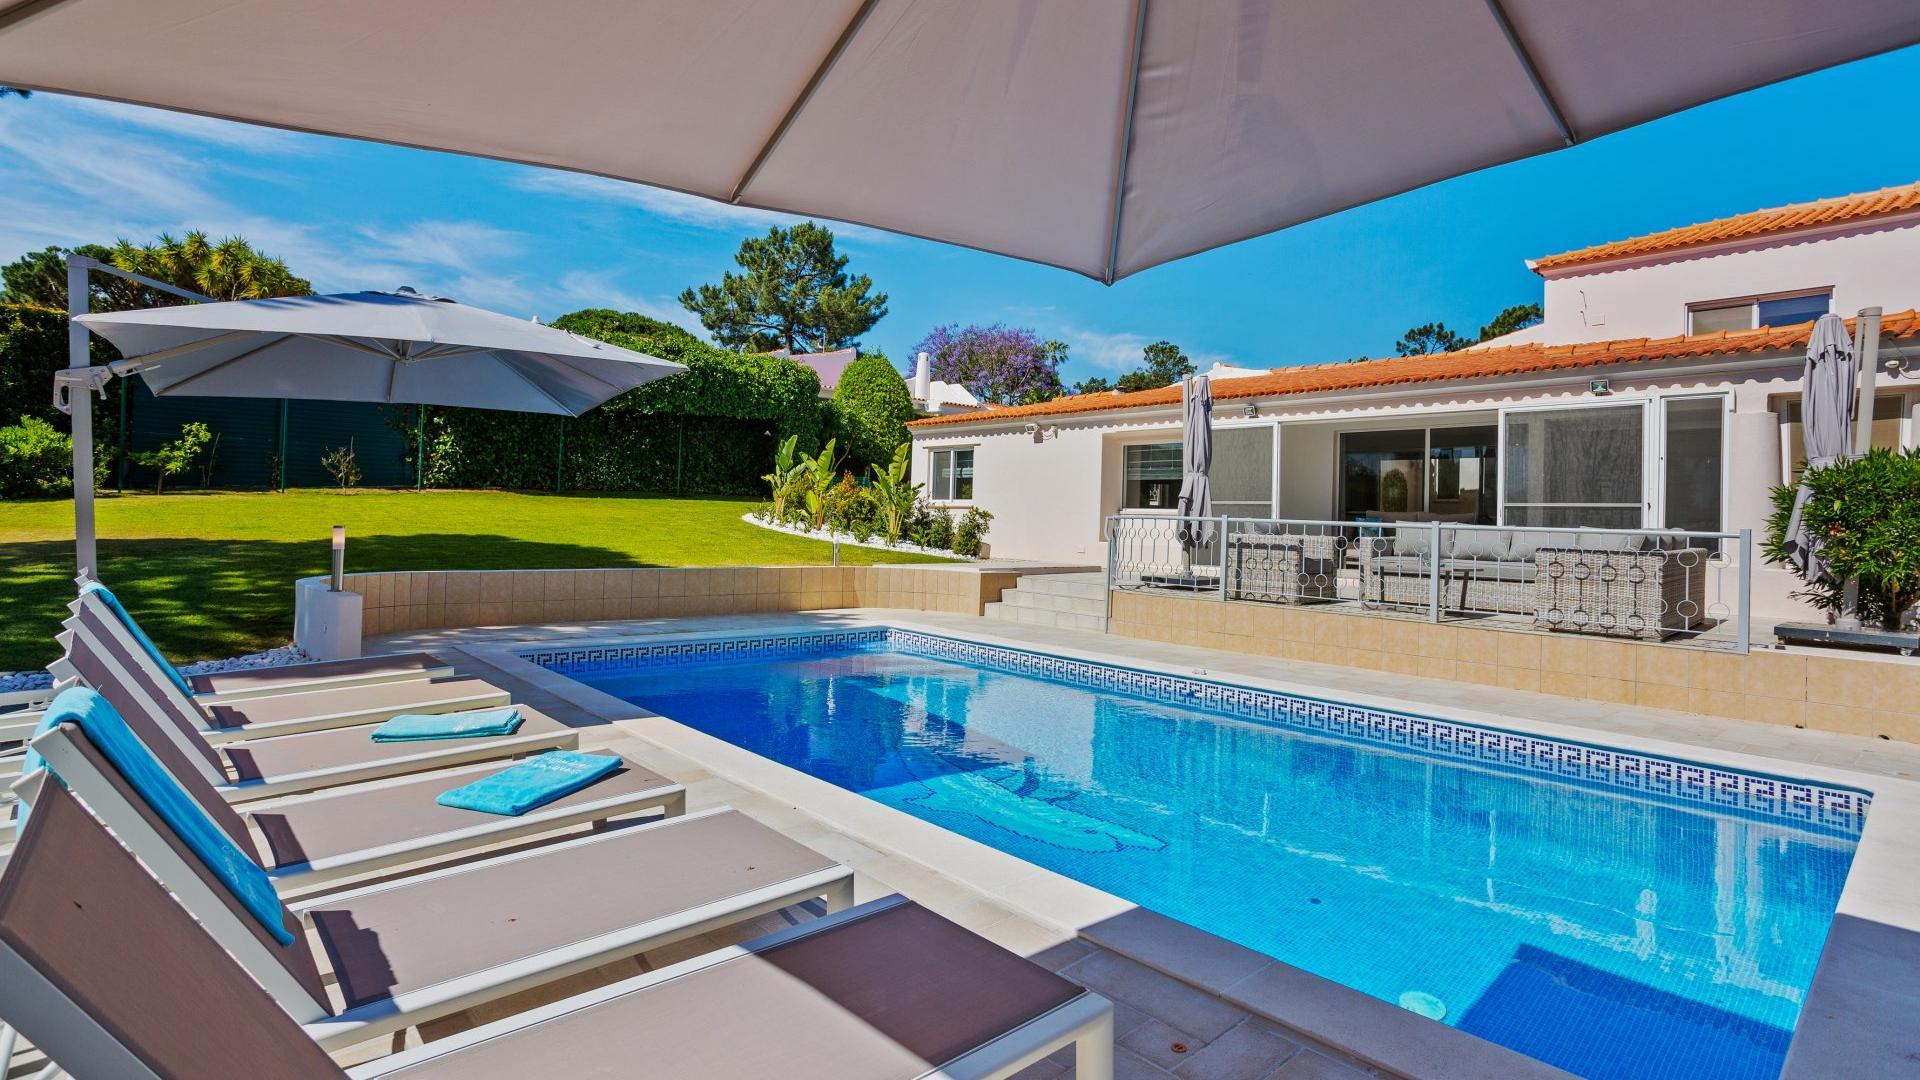 Villa Mulberry - Valverde, Quinta do Lago, Algarve - _G0A8196.jpg